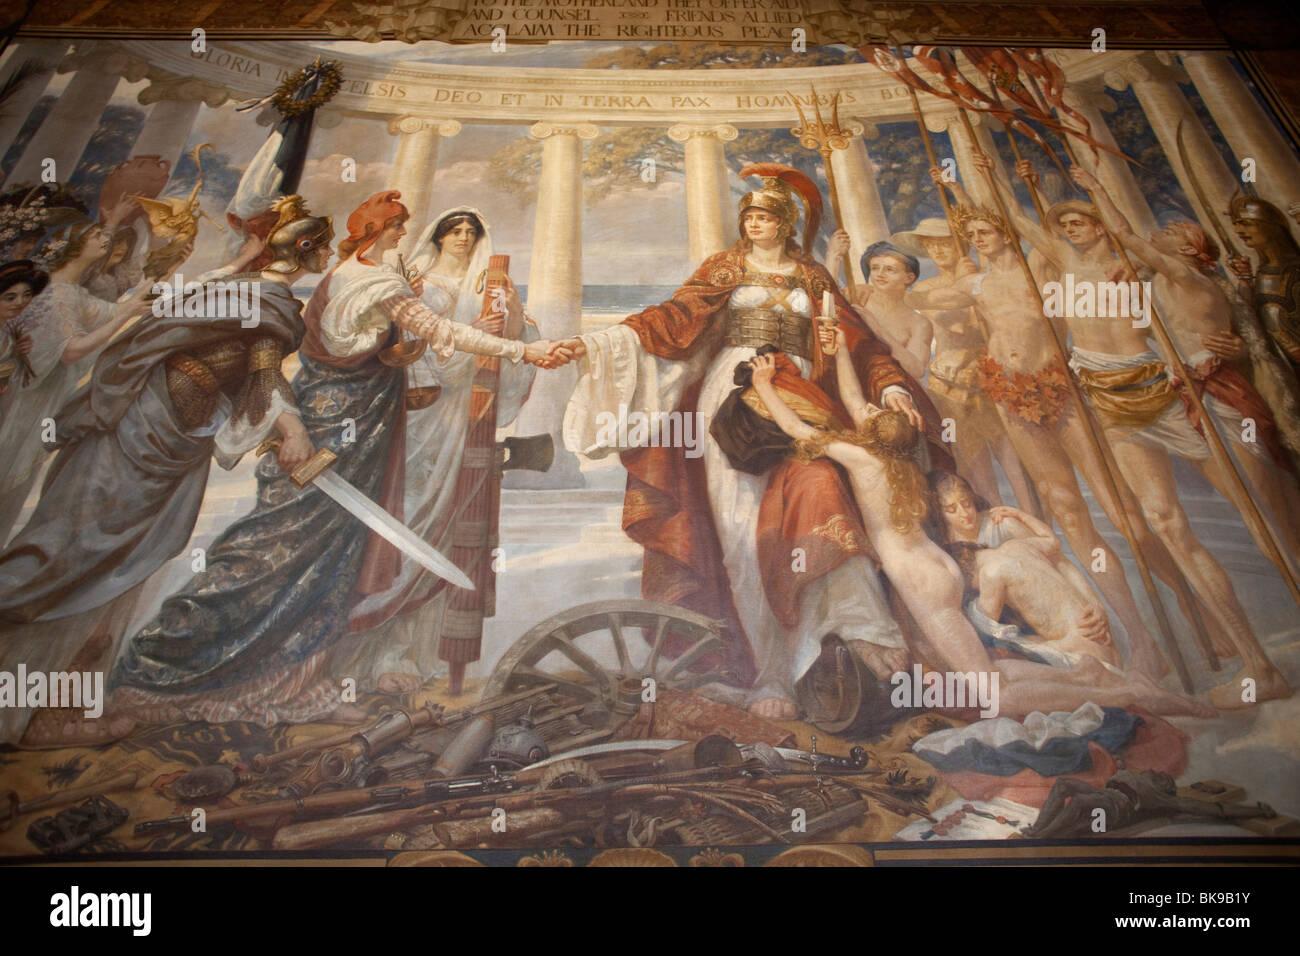 Illustrazione raffigurante Britannia in un edificio governativo, Foreign Office, Whitehall a Londra, Inghilterra Immagini Stock